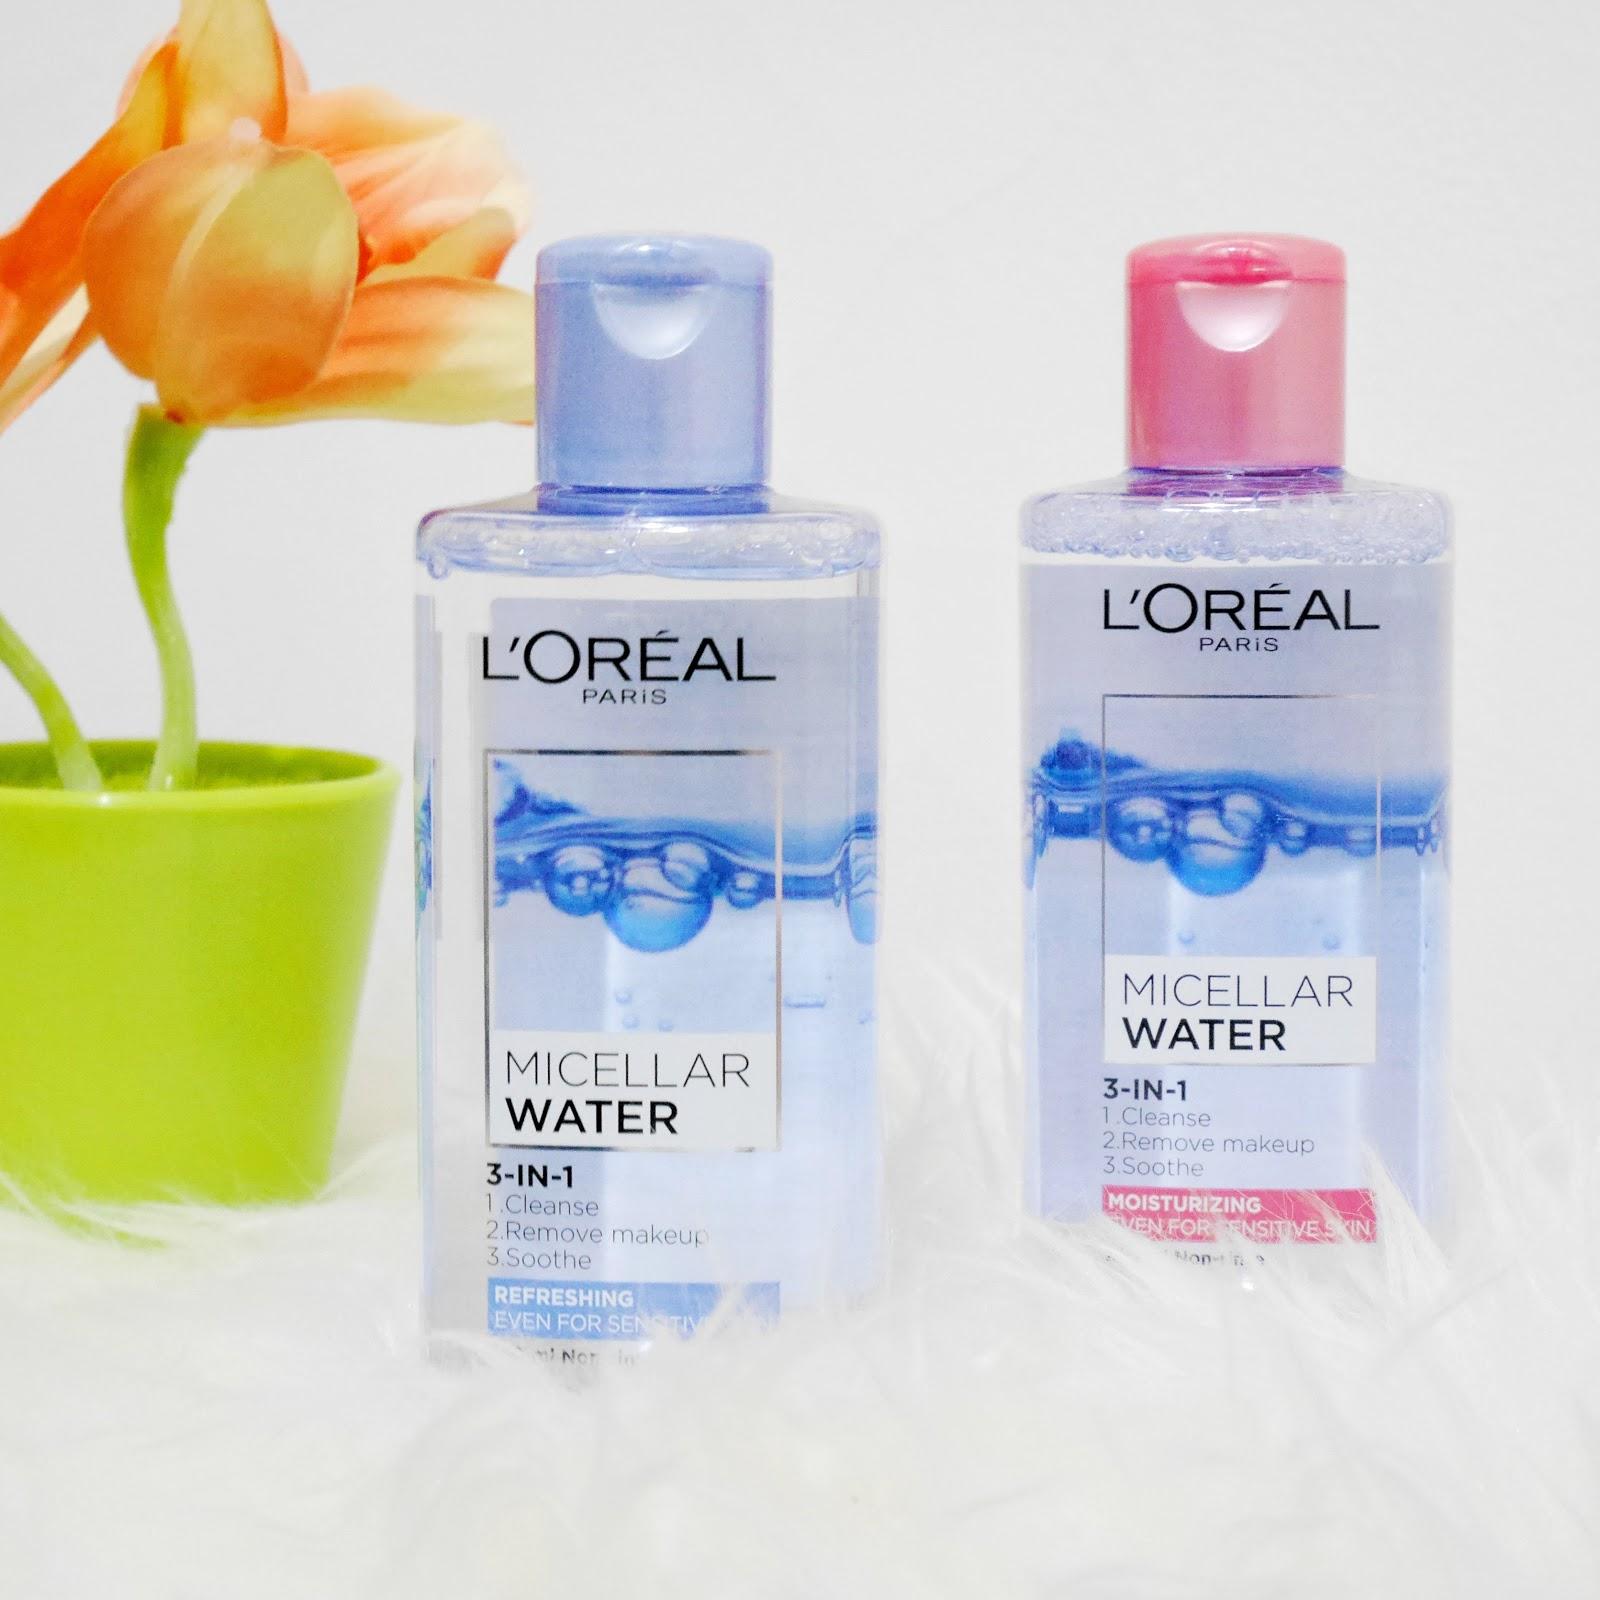 Loreal Micelar Water Review Me Mine Beauty L Oreal Makeup Micellar 250ml Blue Memang Booming Beberapa Waktu Belakangan Ini Dikalangan Wanita Selain Alasan Kepraktisan Ada Kemalasan Dibalik Pemilihan